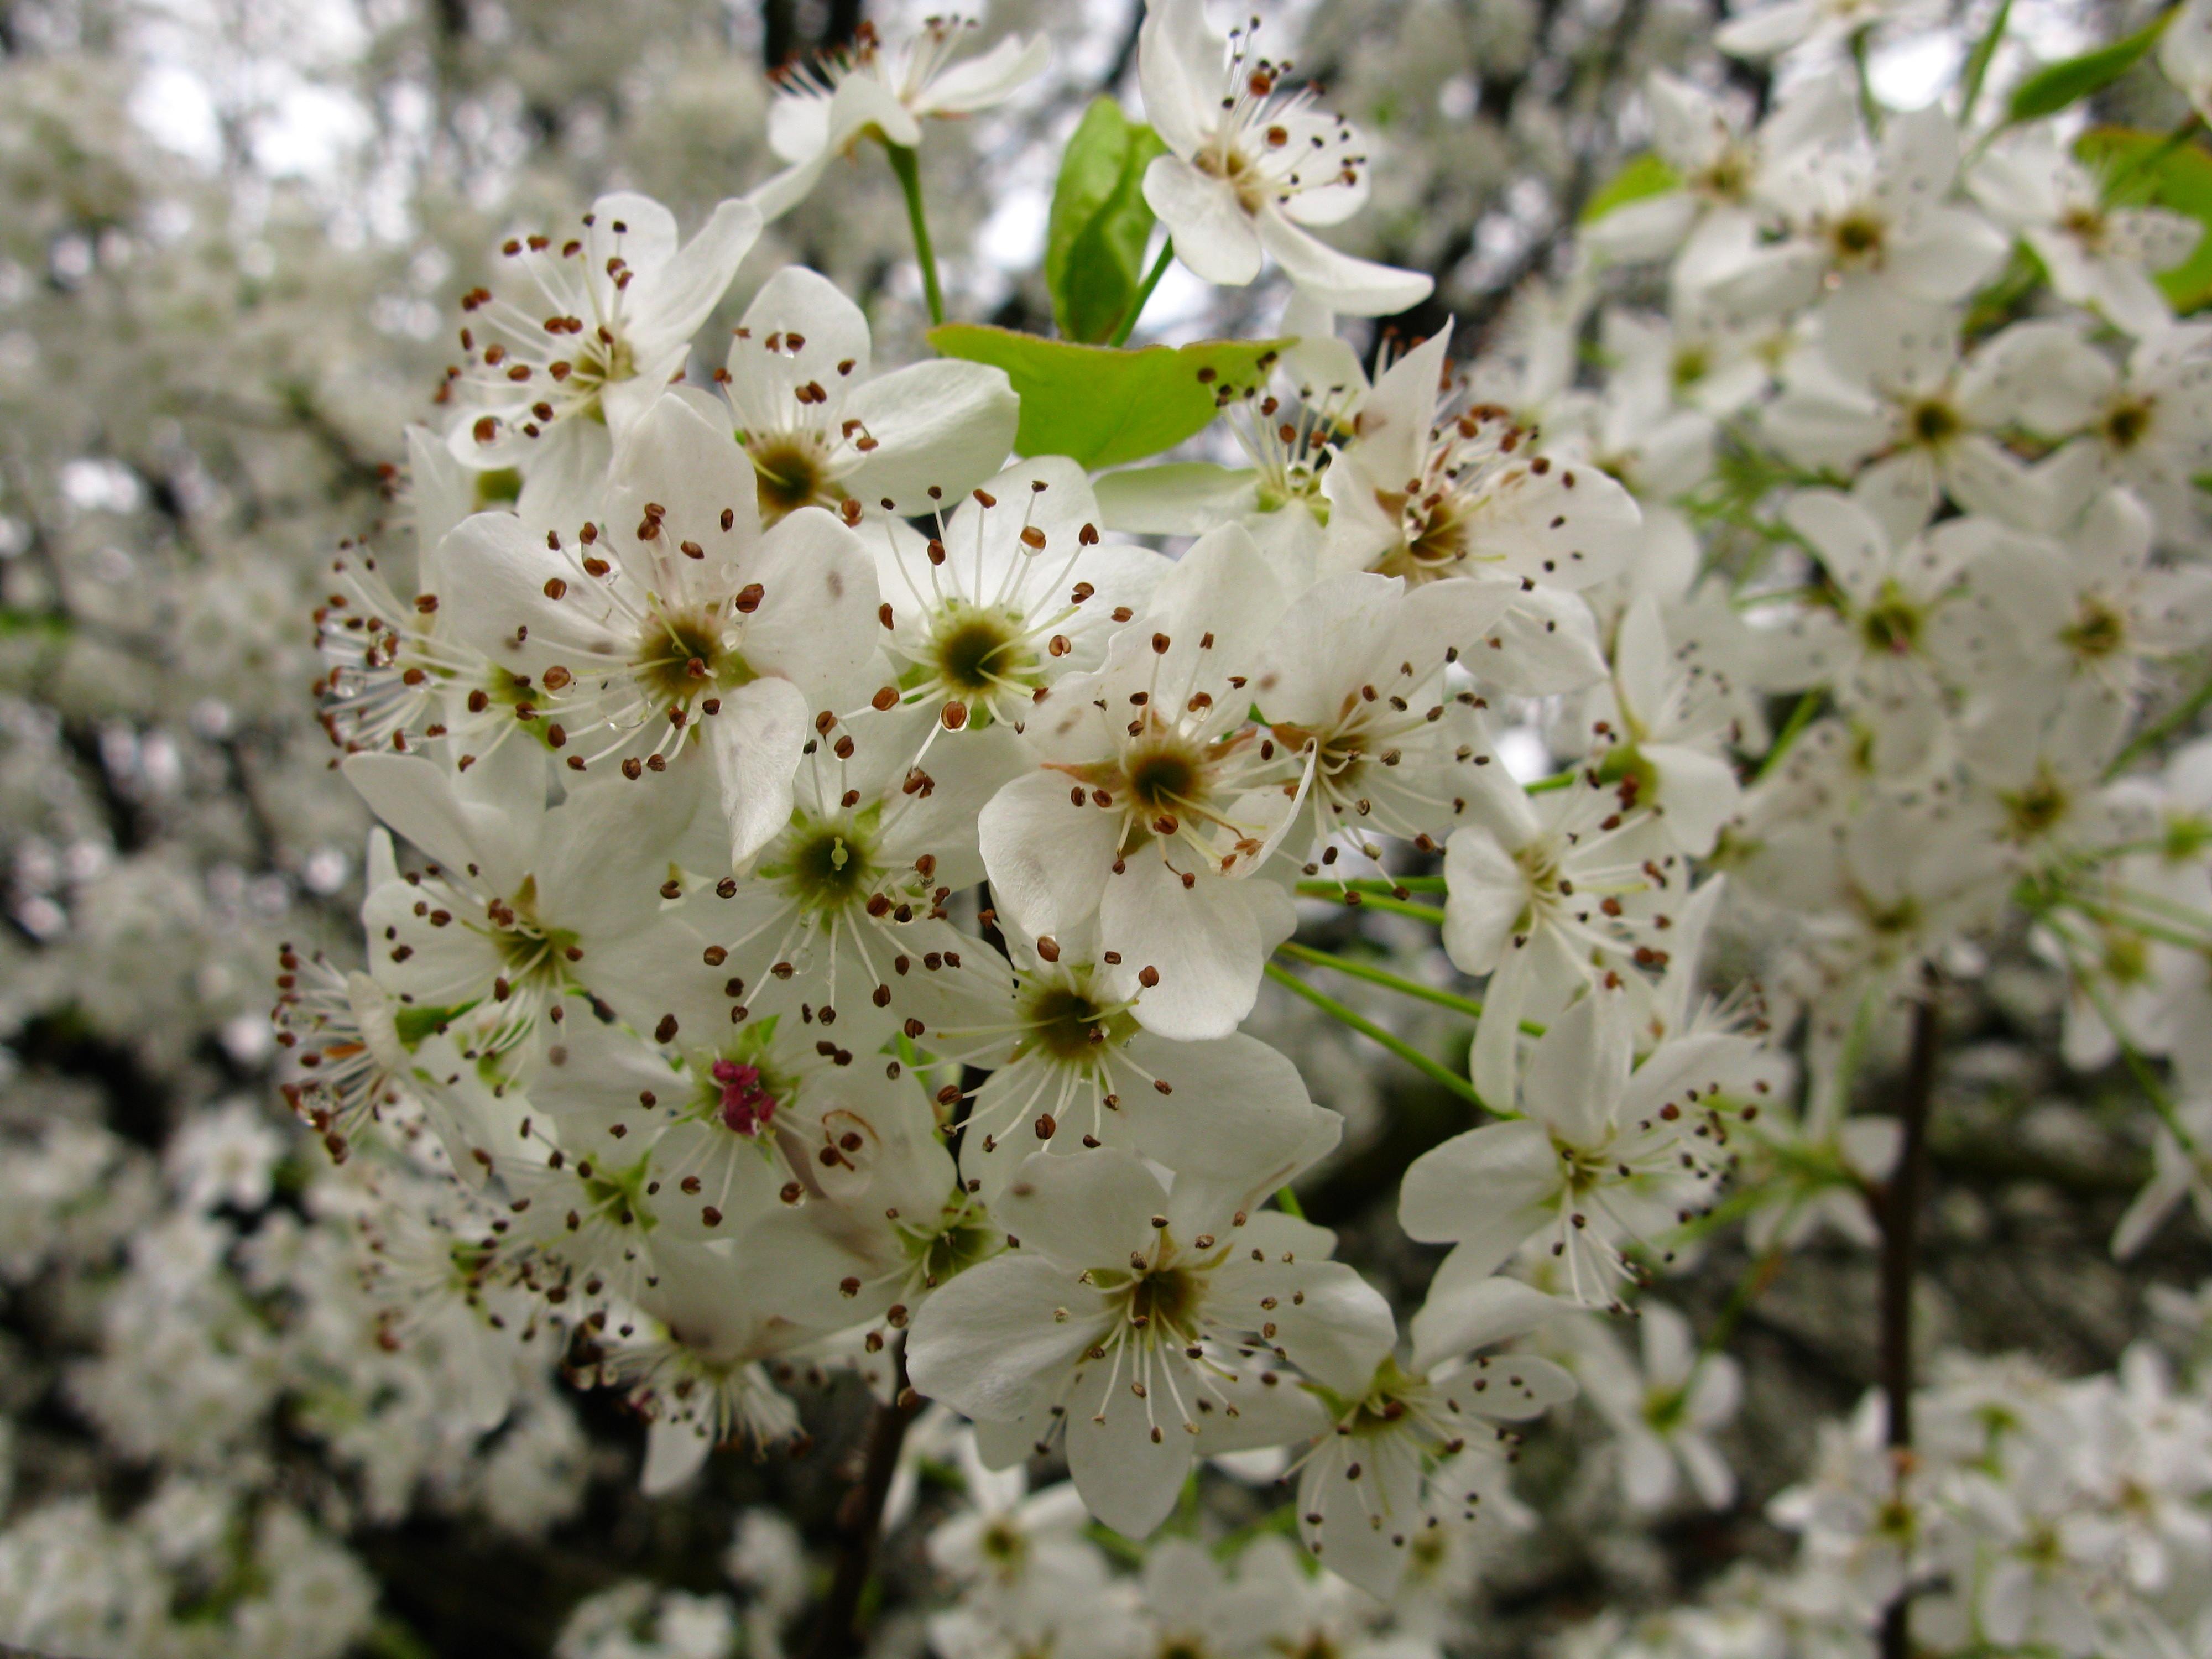 Filewhite pear flowers macro tree west virginia forestwander filewhite pear flowers macro tree west virginia forestwander mightylinksfo